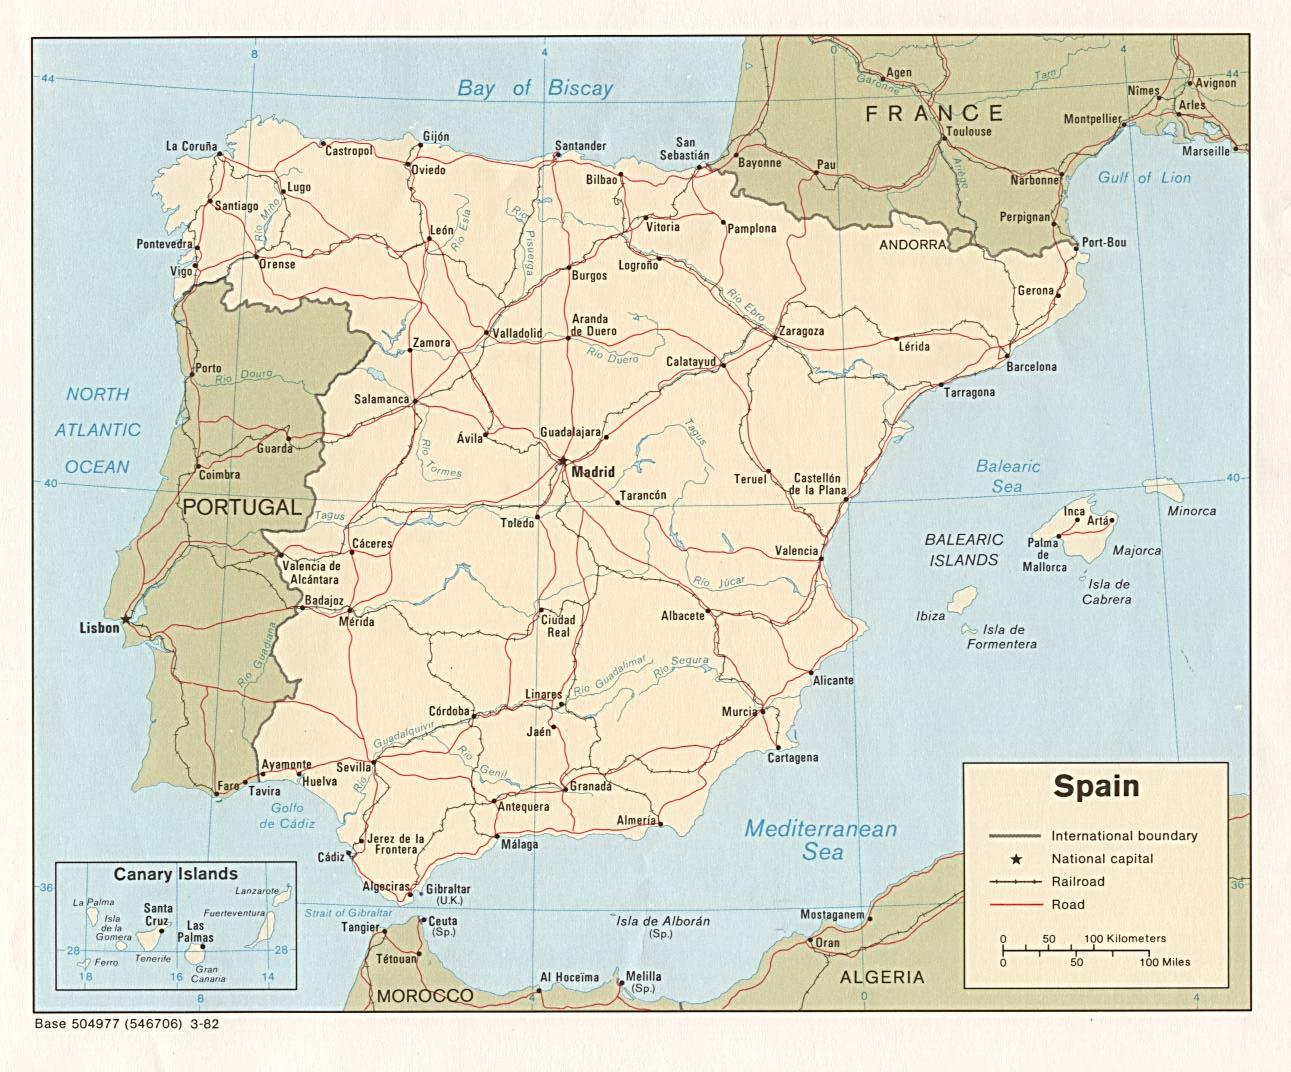 Spanien Regionen Karte.Landkarte Spanien Landkarten Download Spanienkarte Spanien